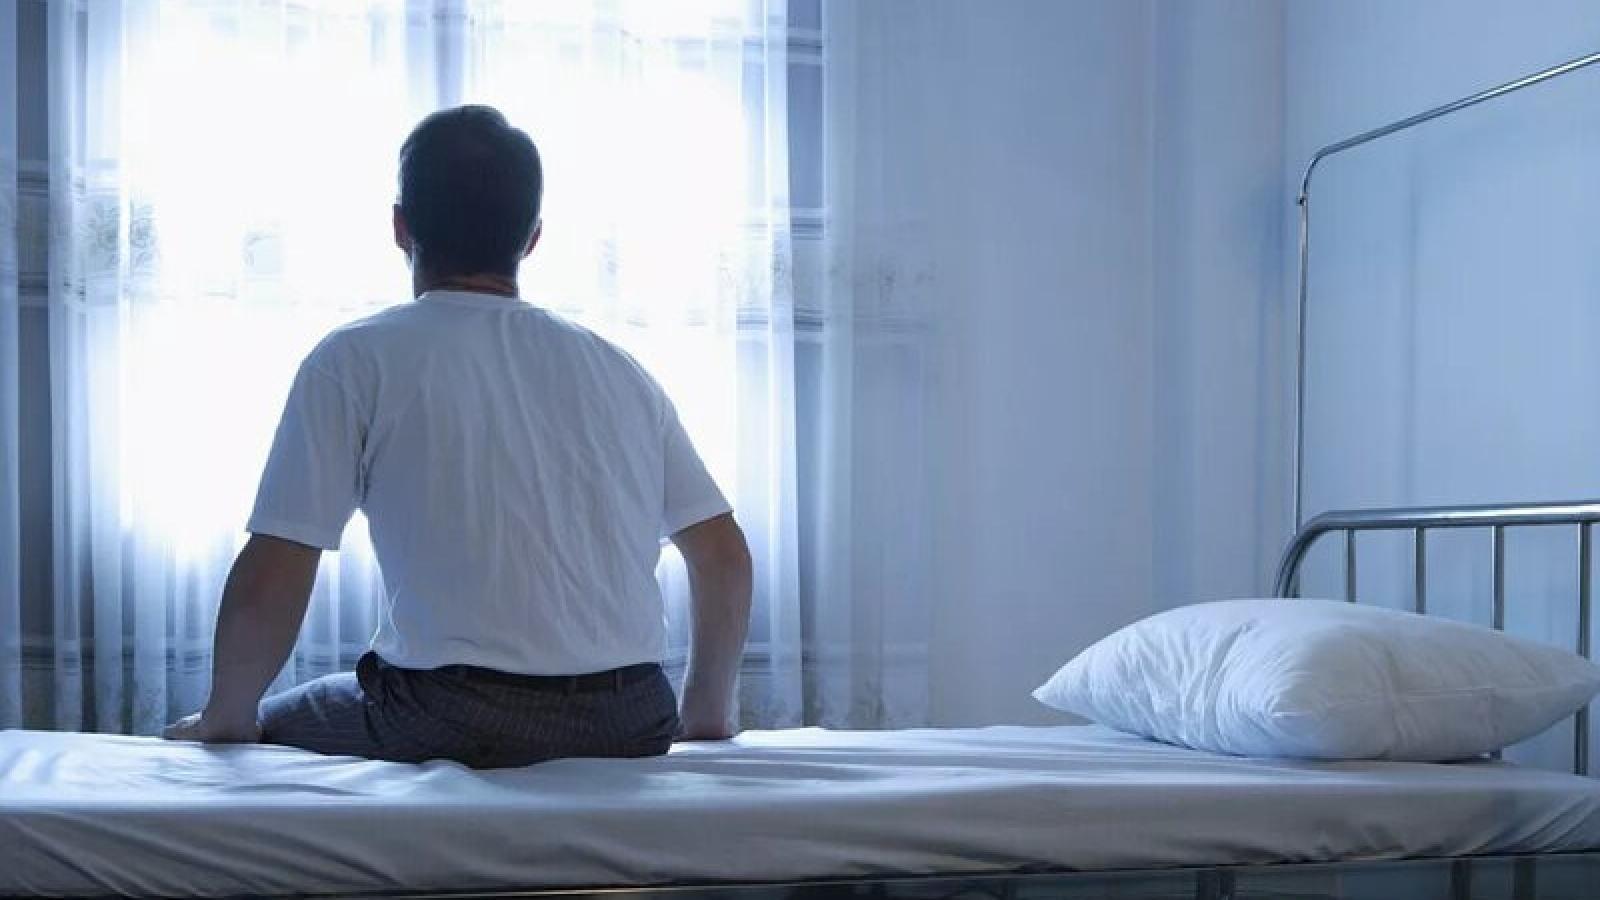 Педофила из Грязовца отправили на лечение вместо тюрьмы